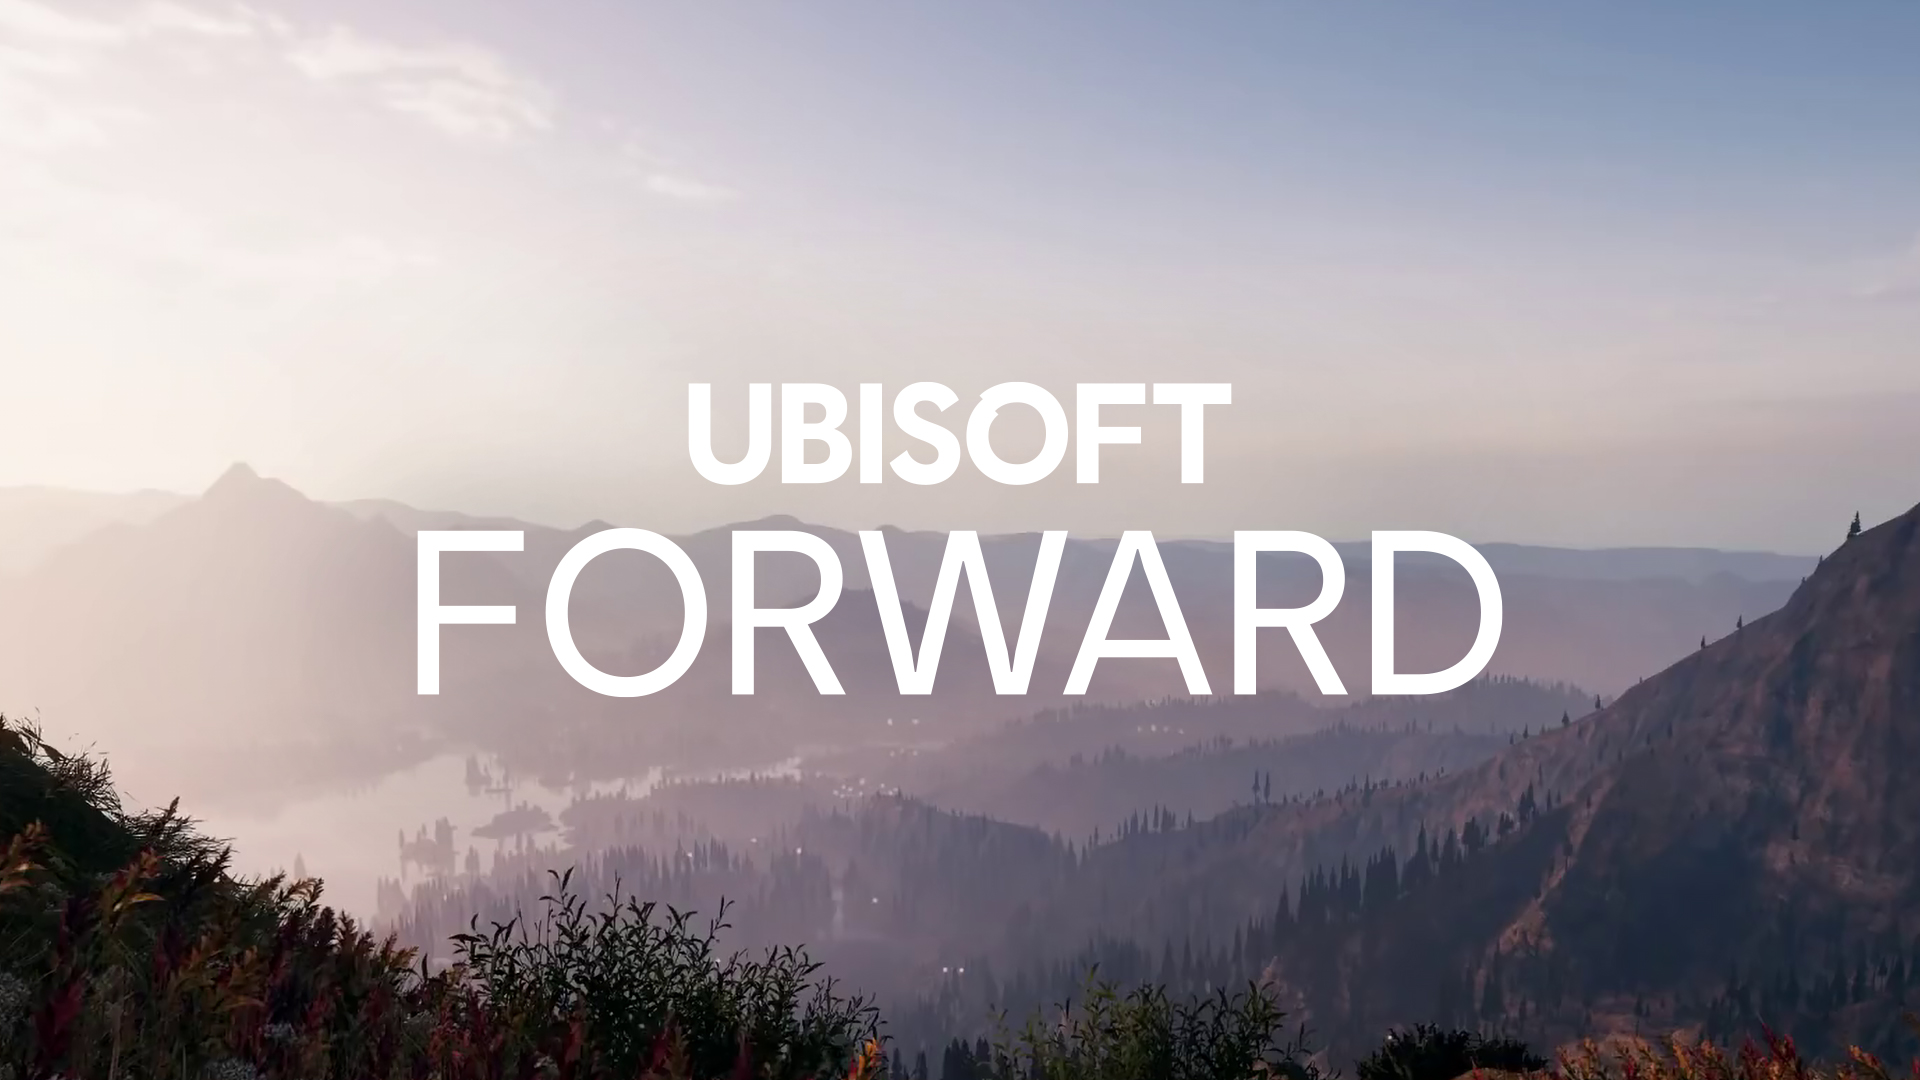 Ubisoft Forward promotion